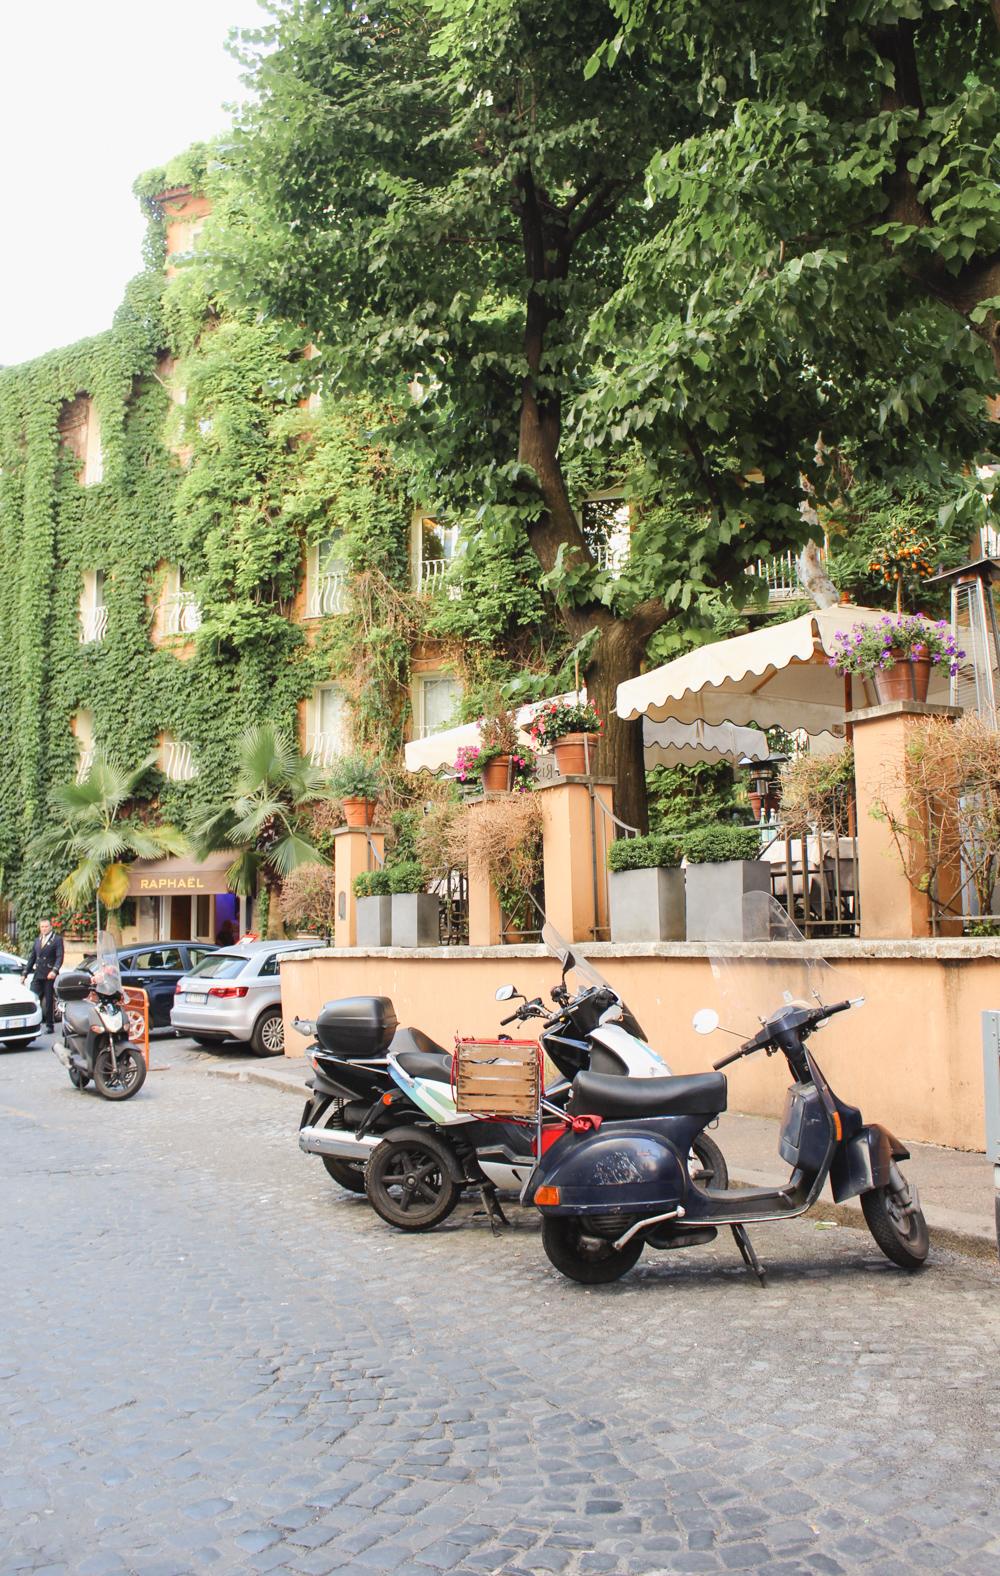 Hotel Rafael Rome Italy